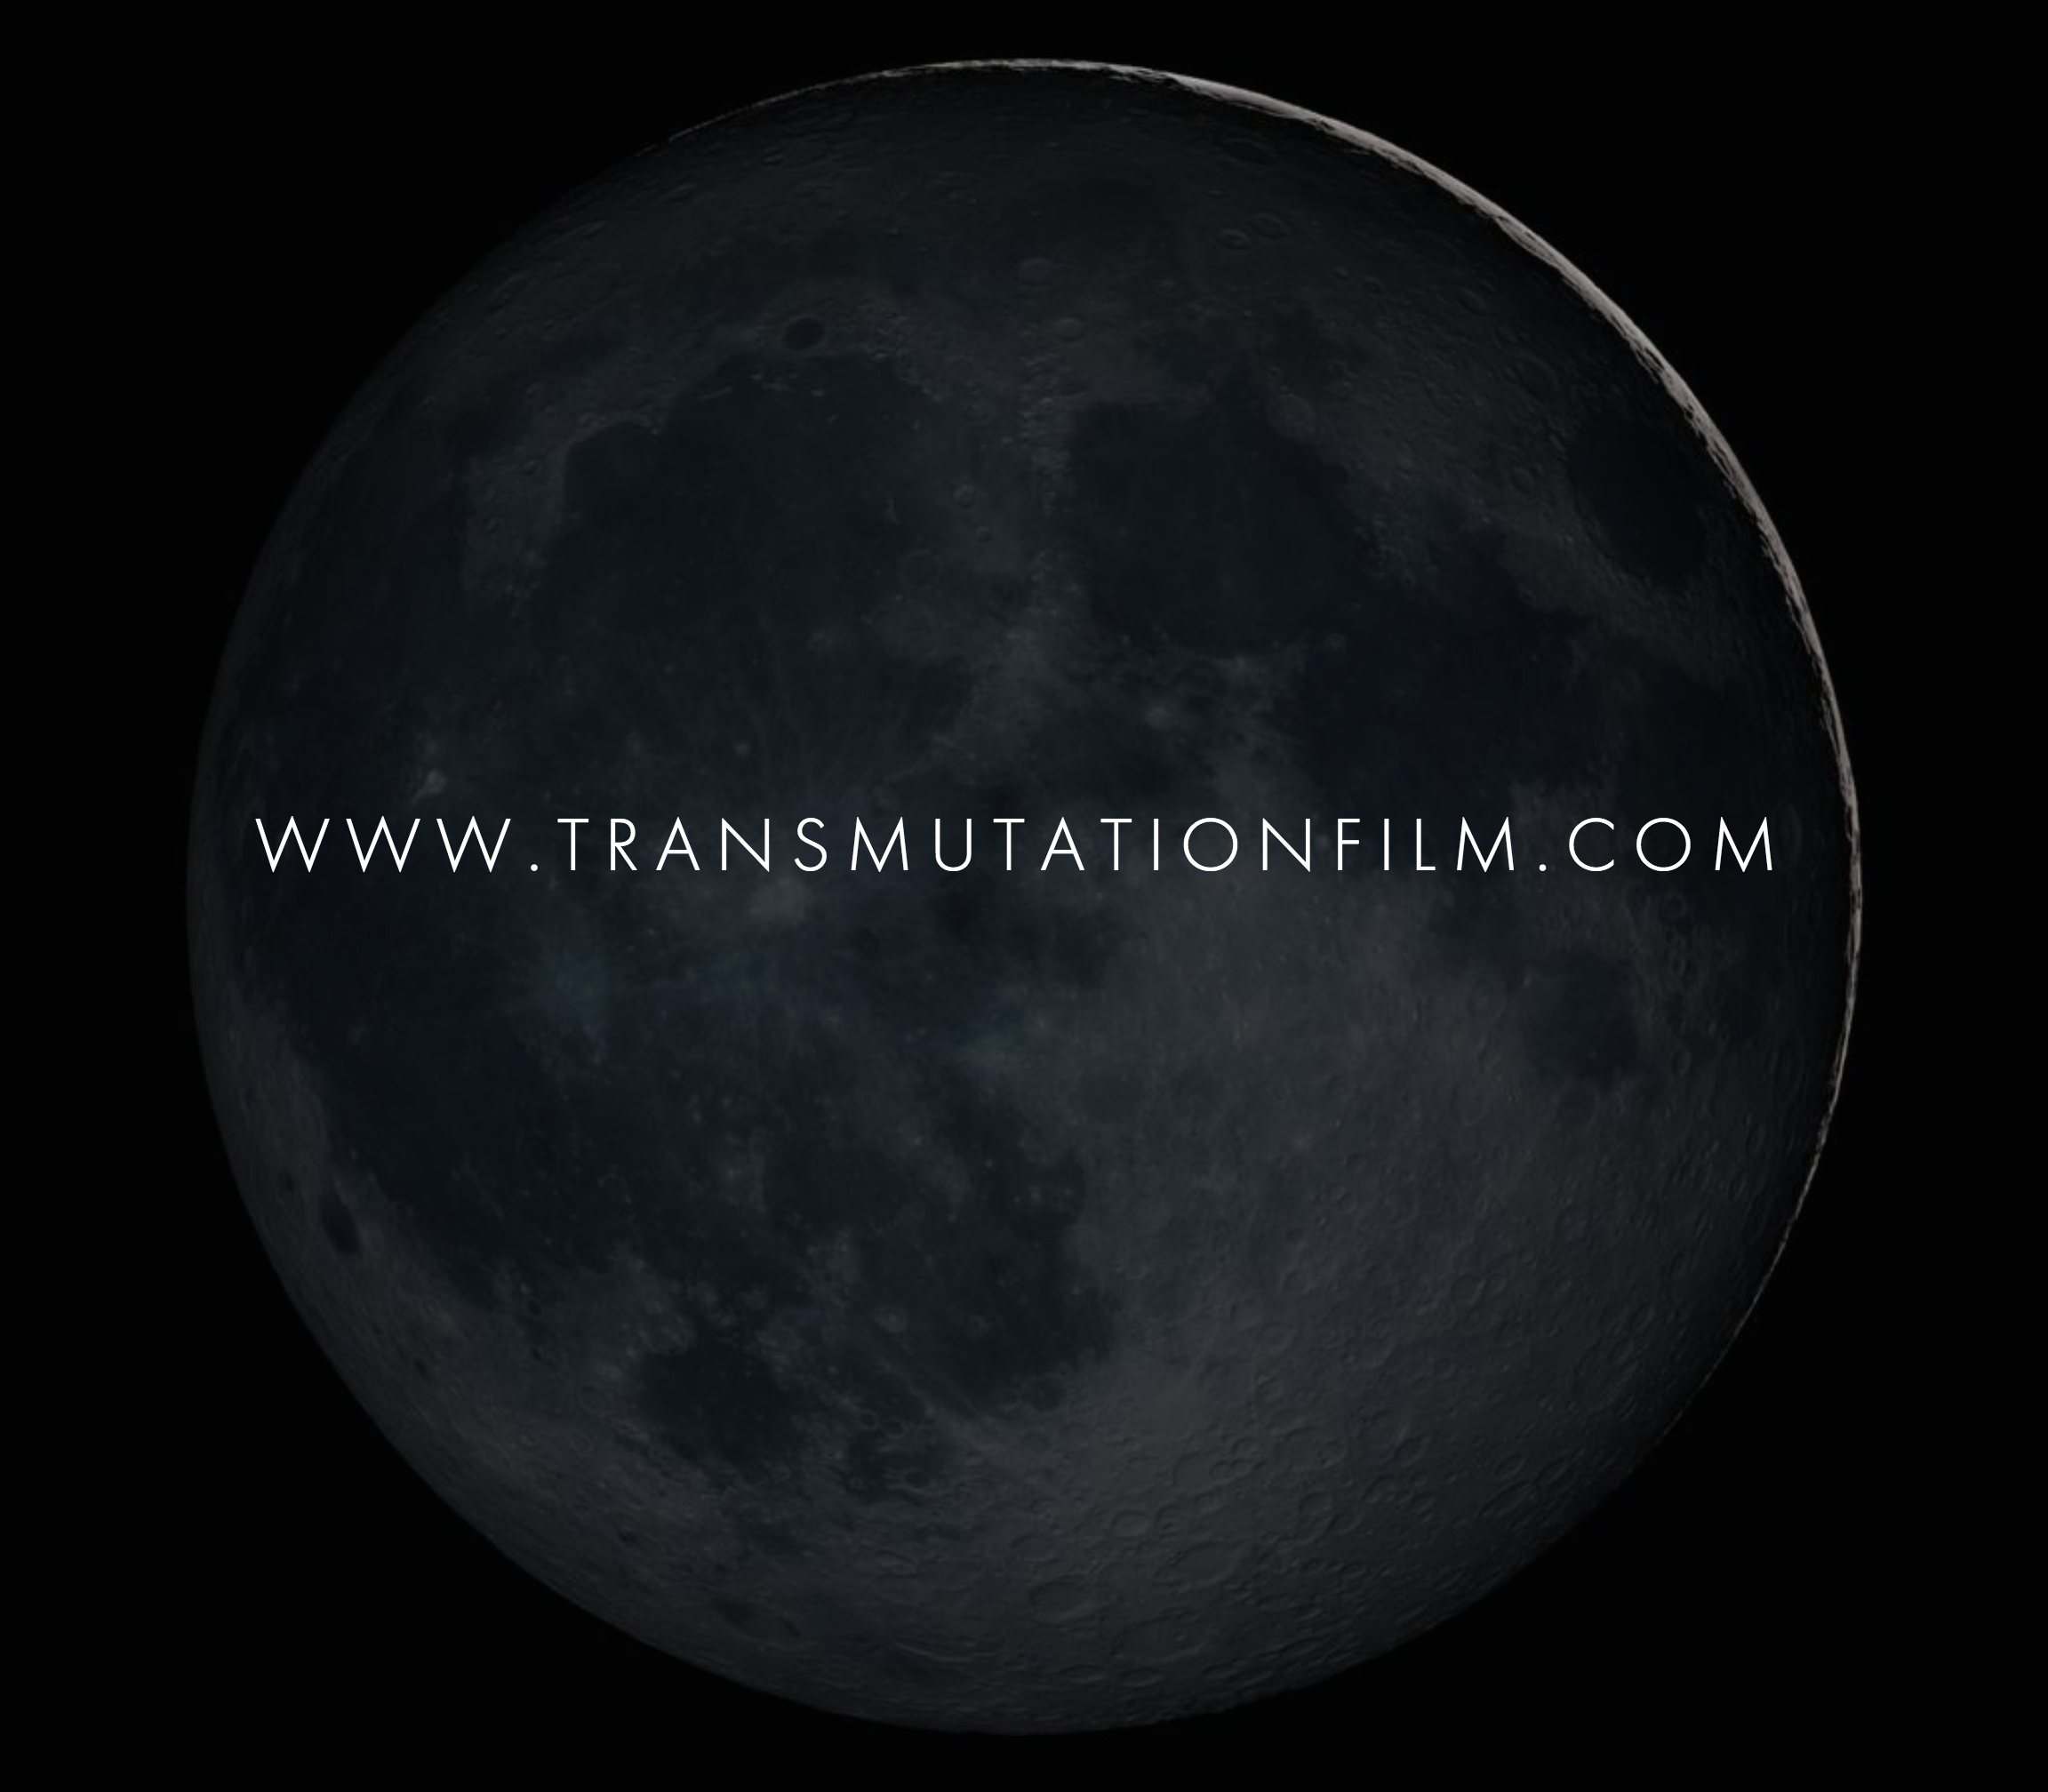 wwwtransmutationfilmcom.jpg